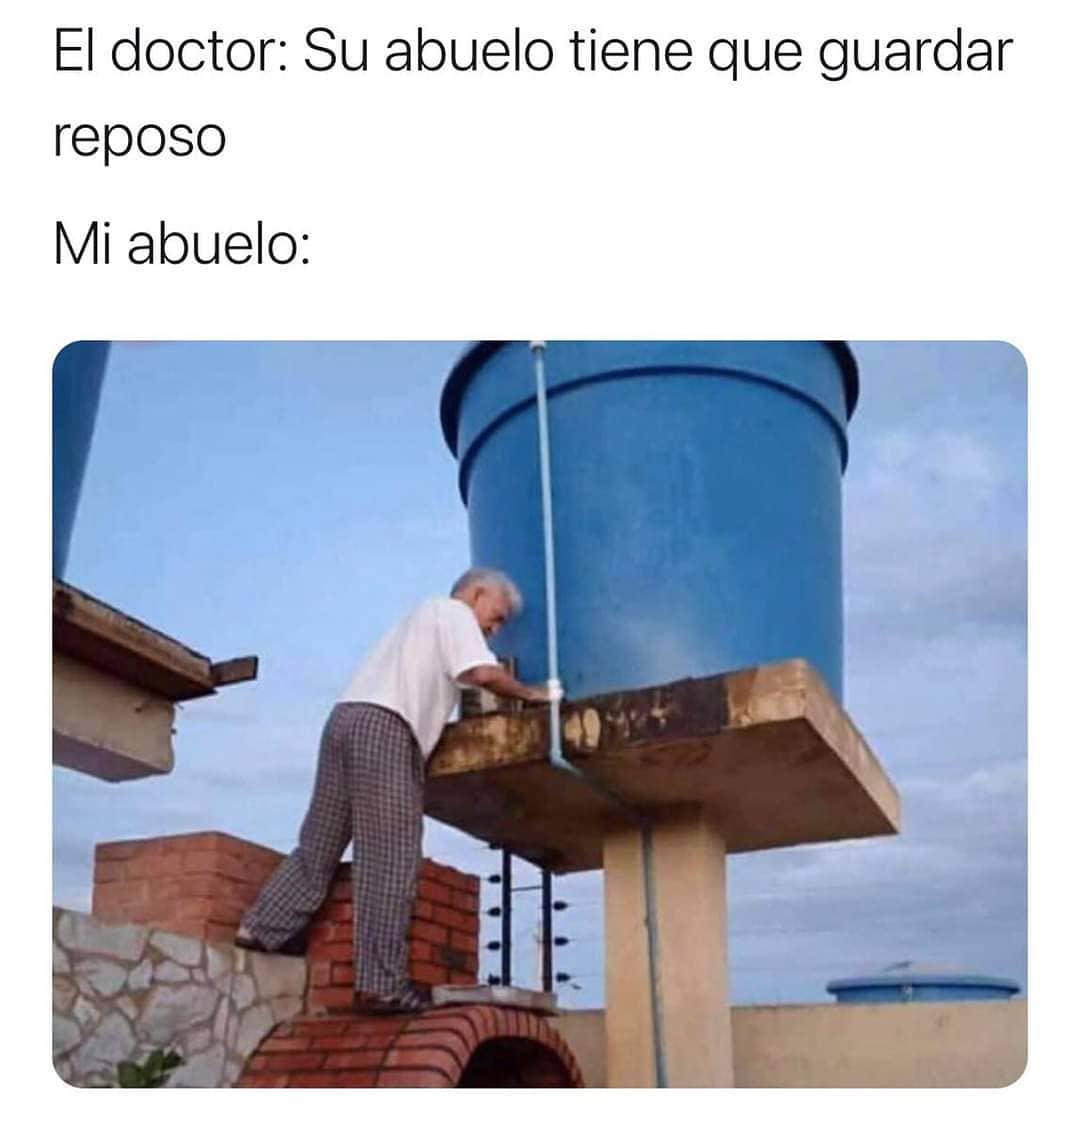 El doctor: Su abuelo tiene que guardar reposo.  Mi abuelo: